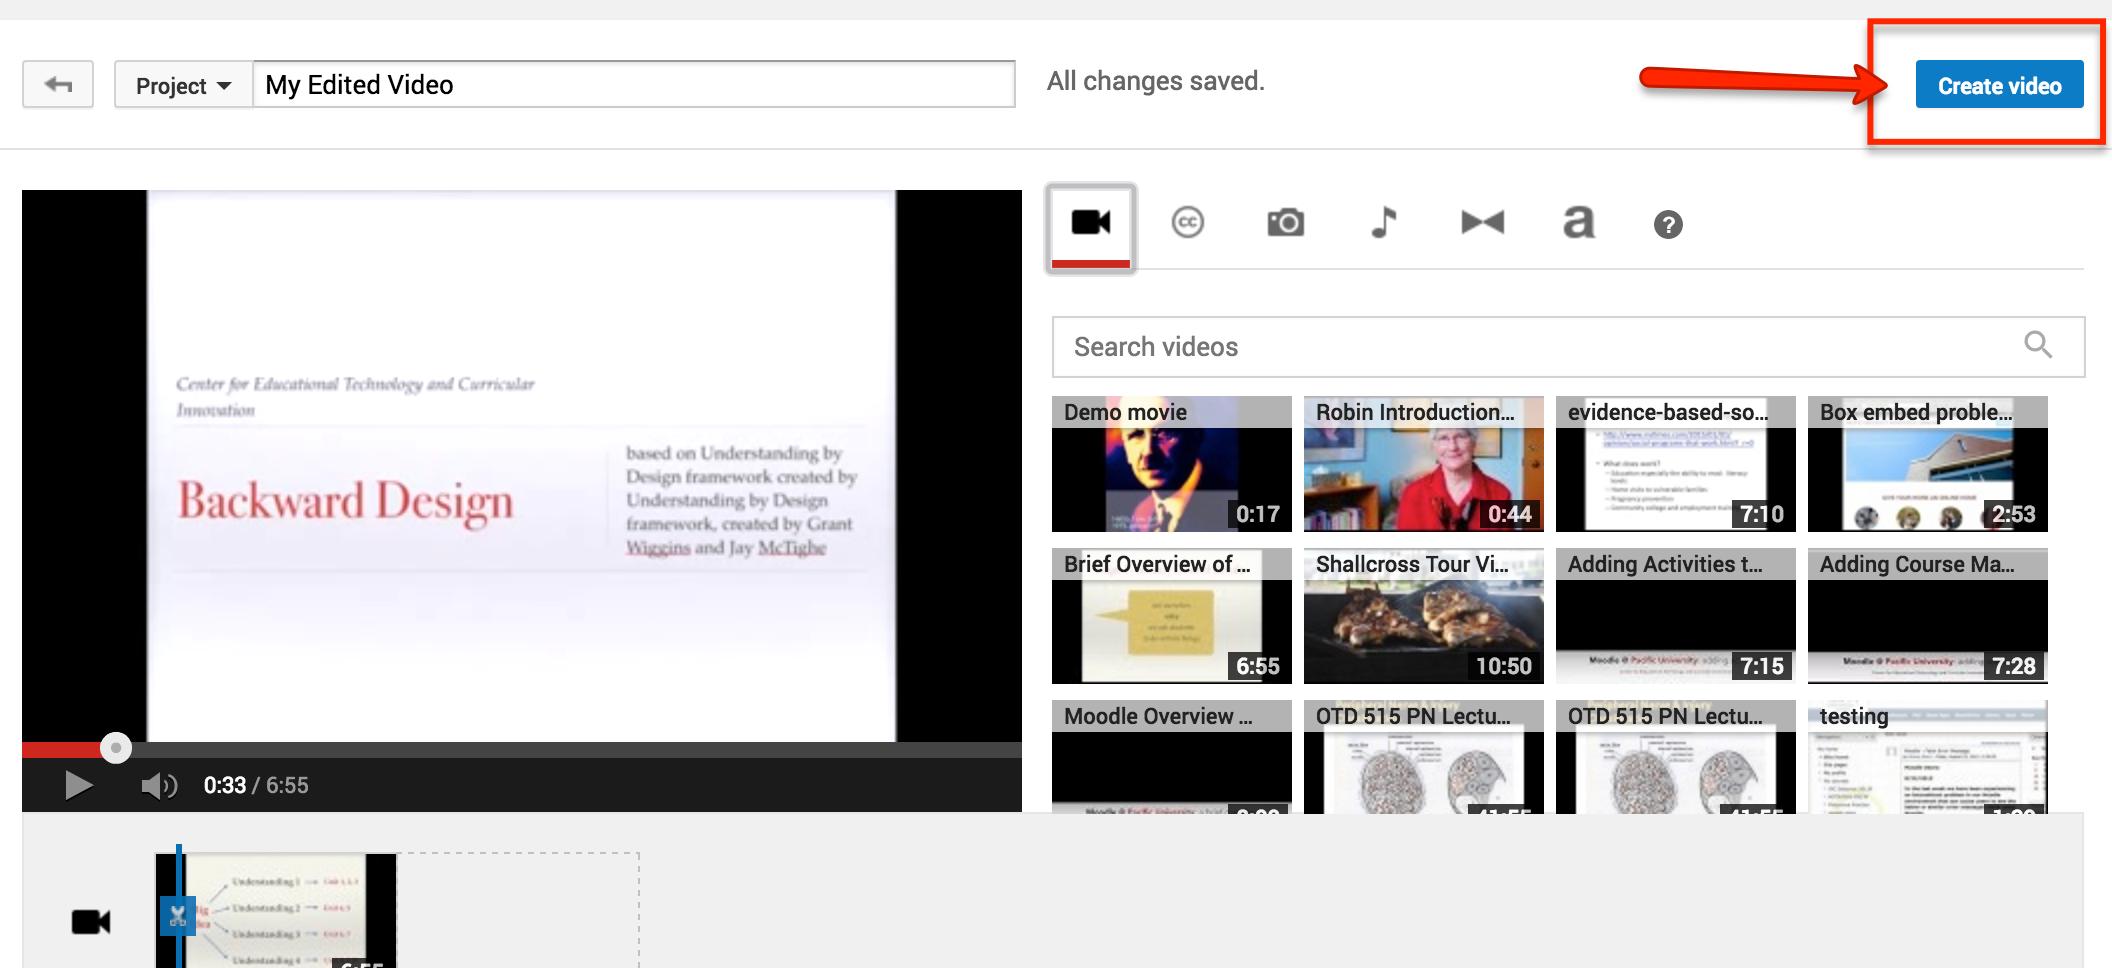 create video button